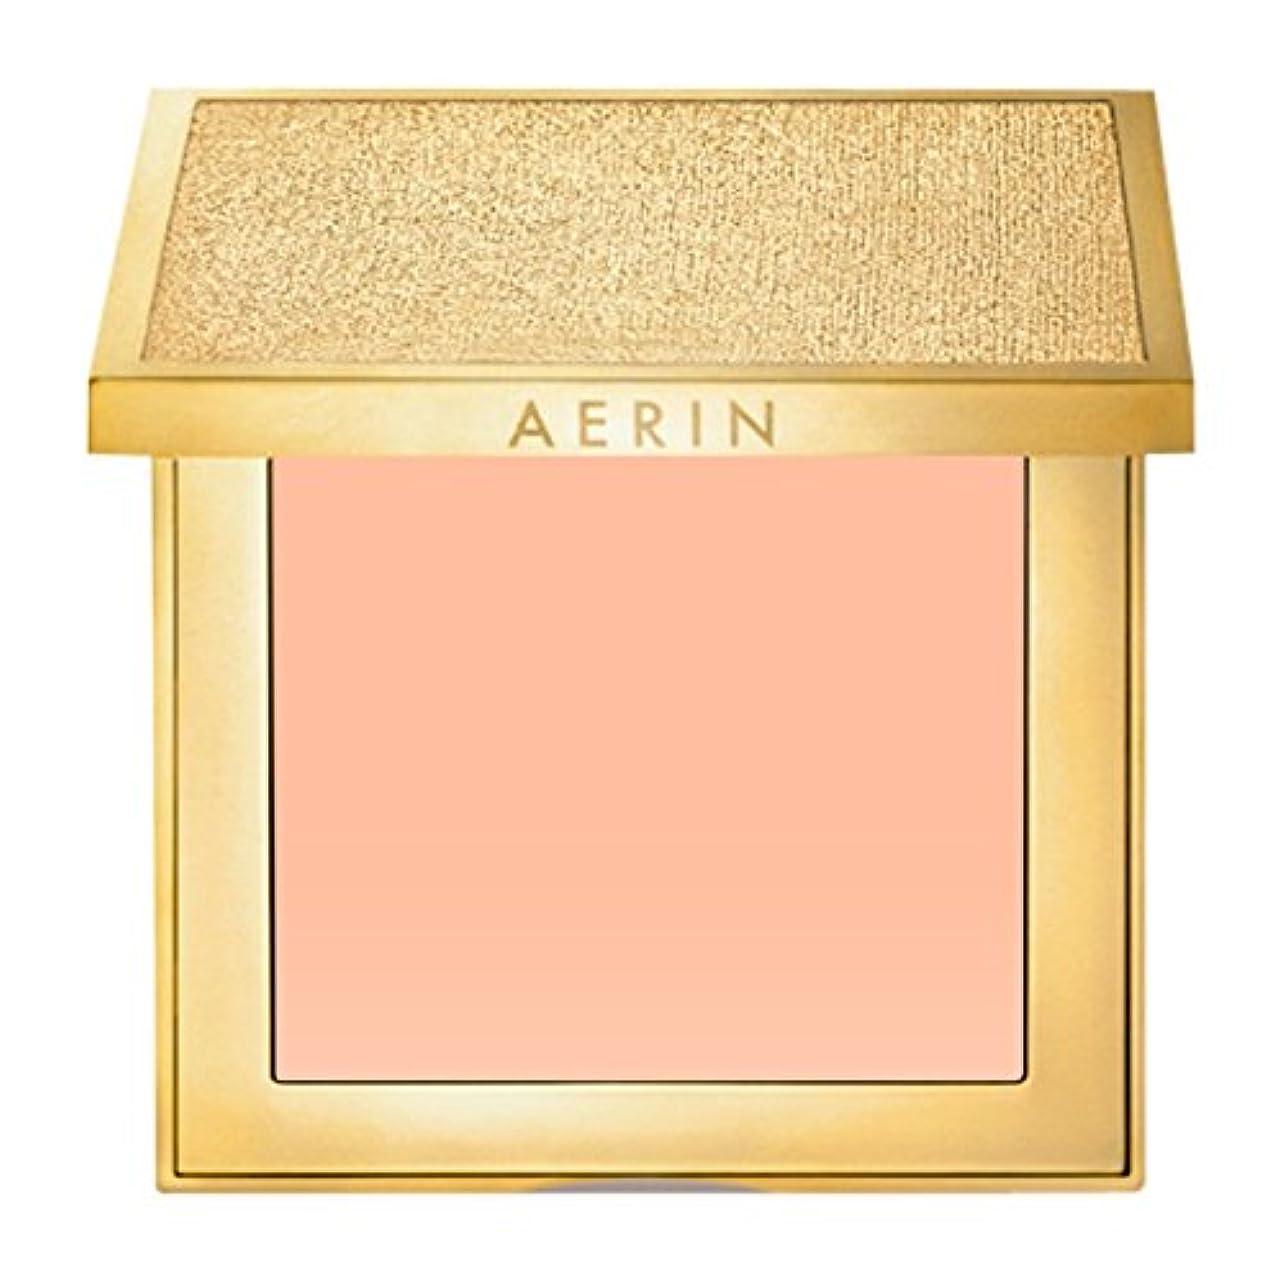 有効な間違えた甘やかすAerin新鮮な肌コンパクトメイクアップレベル3 (AERIN) (x2) - AERIN Fresh Skin Compact Makeup Level 3 (Pack of 2) [並行輸入品]